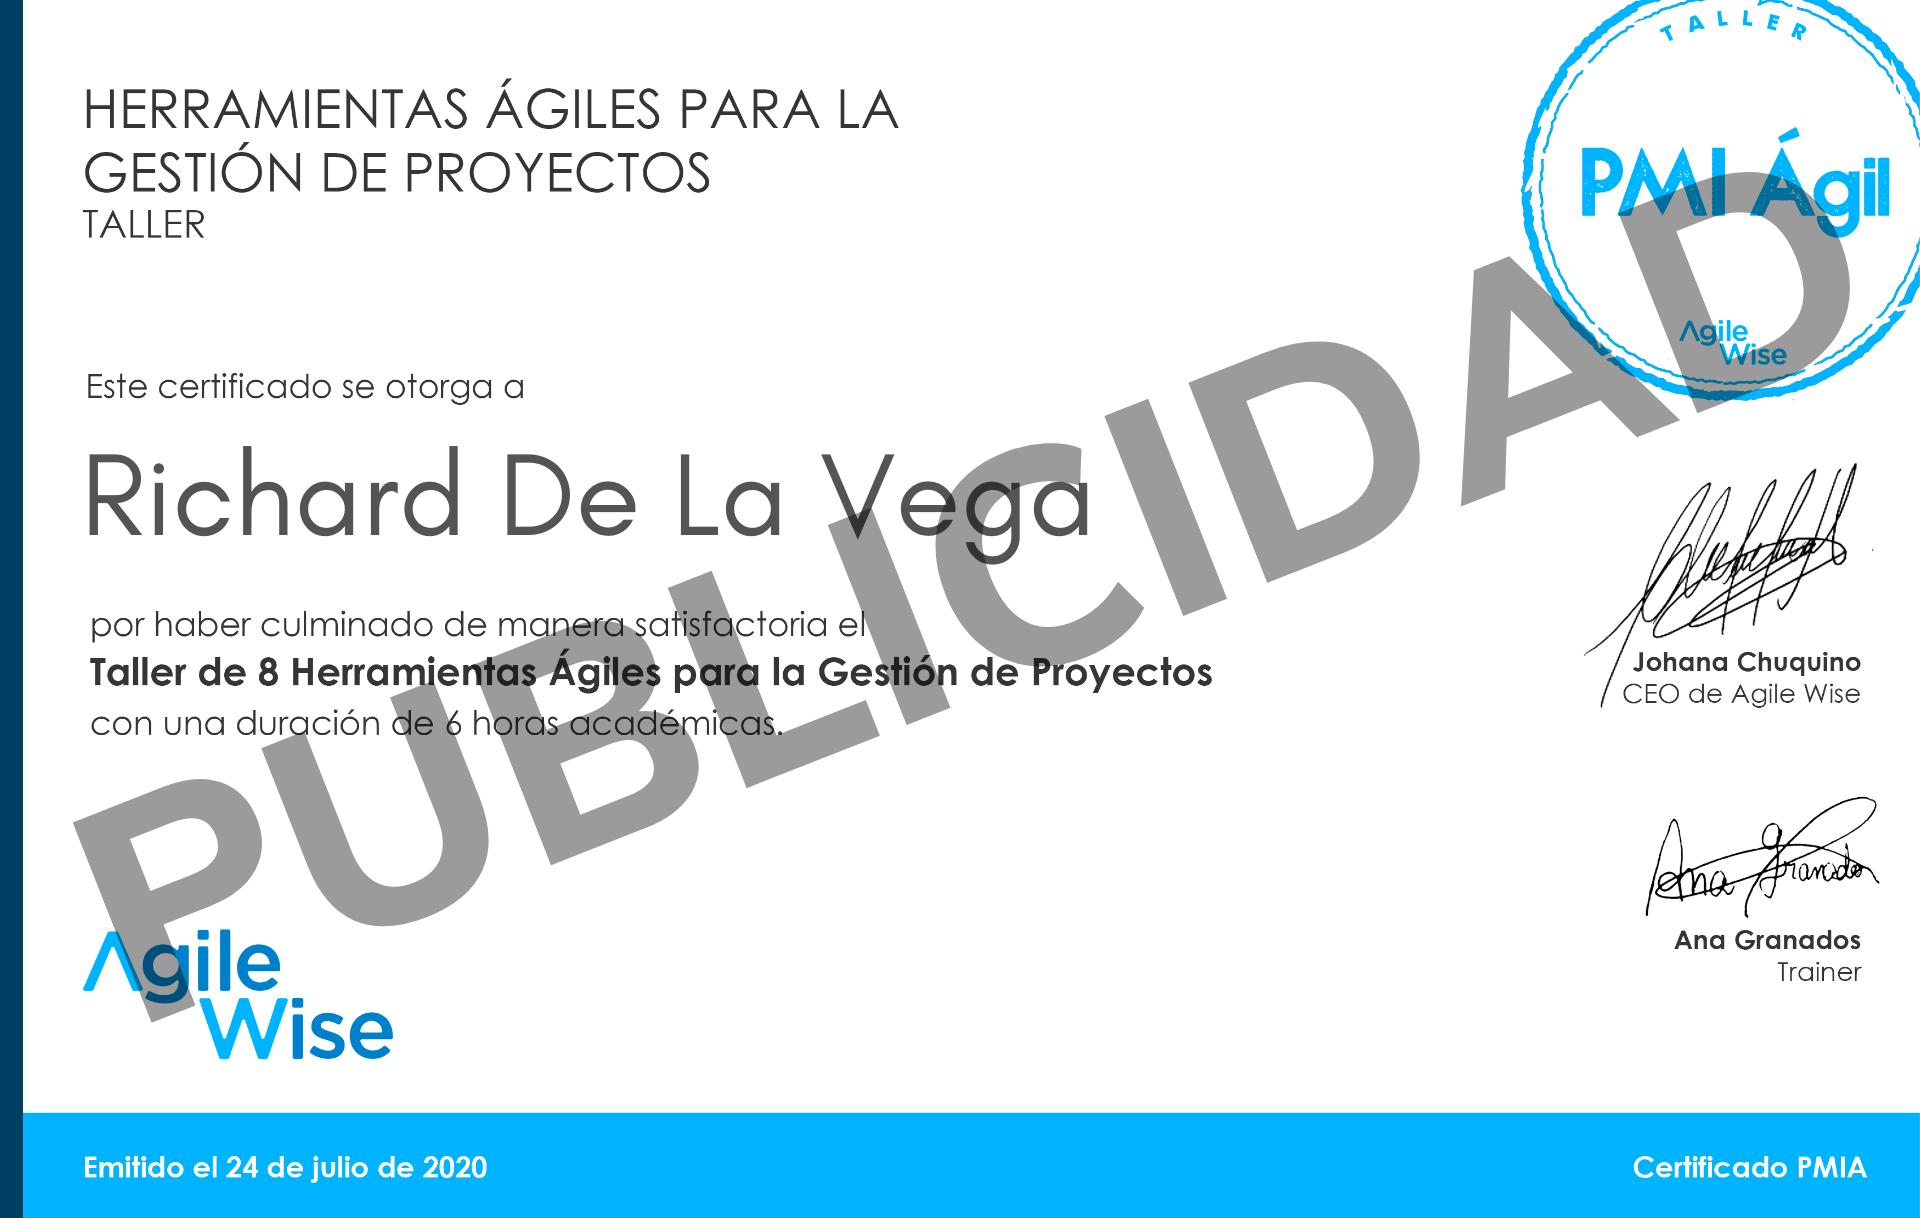 Certificado PMI Ágile AgileWise